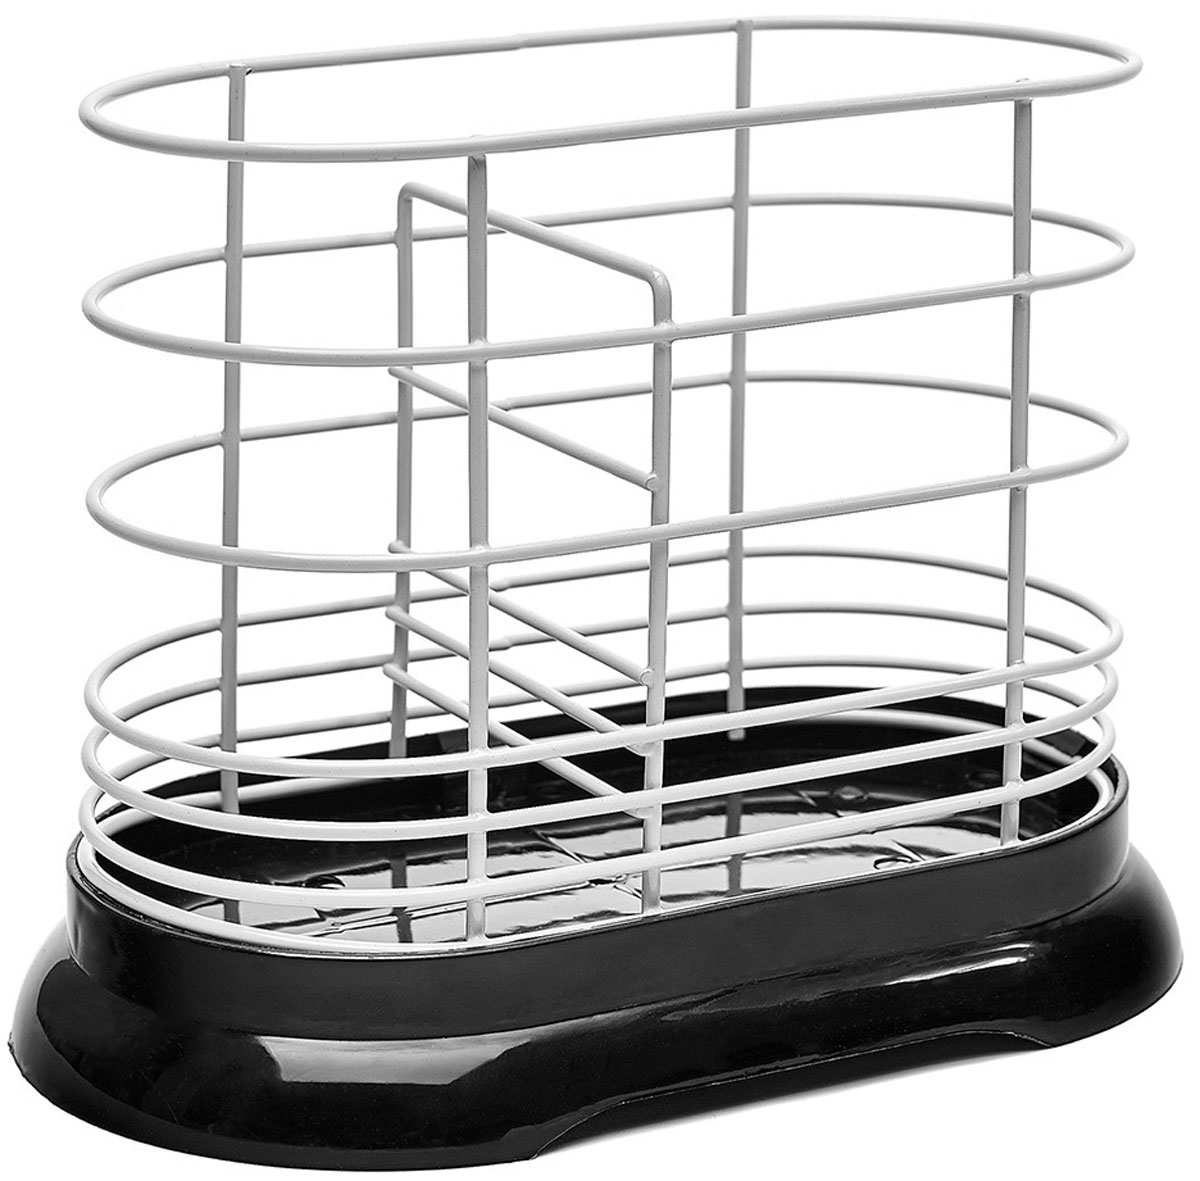 Подставка для столовых приборов Walmer, цвет: черный, 16 x 8,5 x 13,5 смW14161386Подставка для столовых приборов Walmer имеет лаконичный дизайн и подойдет под абсолютно любой интерьер кухни. Основание изделия изготовлено из качественного пластика. Если на приборах осталось немного воды, то она не будет стекать на стол, а останется в съемном поддоне. А материалом для прутков корпуса является сталь с порошковым покрытием – прочная и устойчивая к коррозии. К слову, в нижней части расстояние между прутками меньше, чтобы ручки столовых приборов не выскальзывали из подставки.Подставка Walmer не займет слишком много места на вашей кухне. Ее назначение в том, чтобы экономить пространство и упрощать жизнь своим владельцам. Для удобства в ней есть разделитель, который позволяет хранить приборы в разных отсеках.